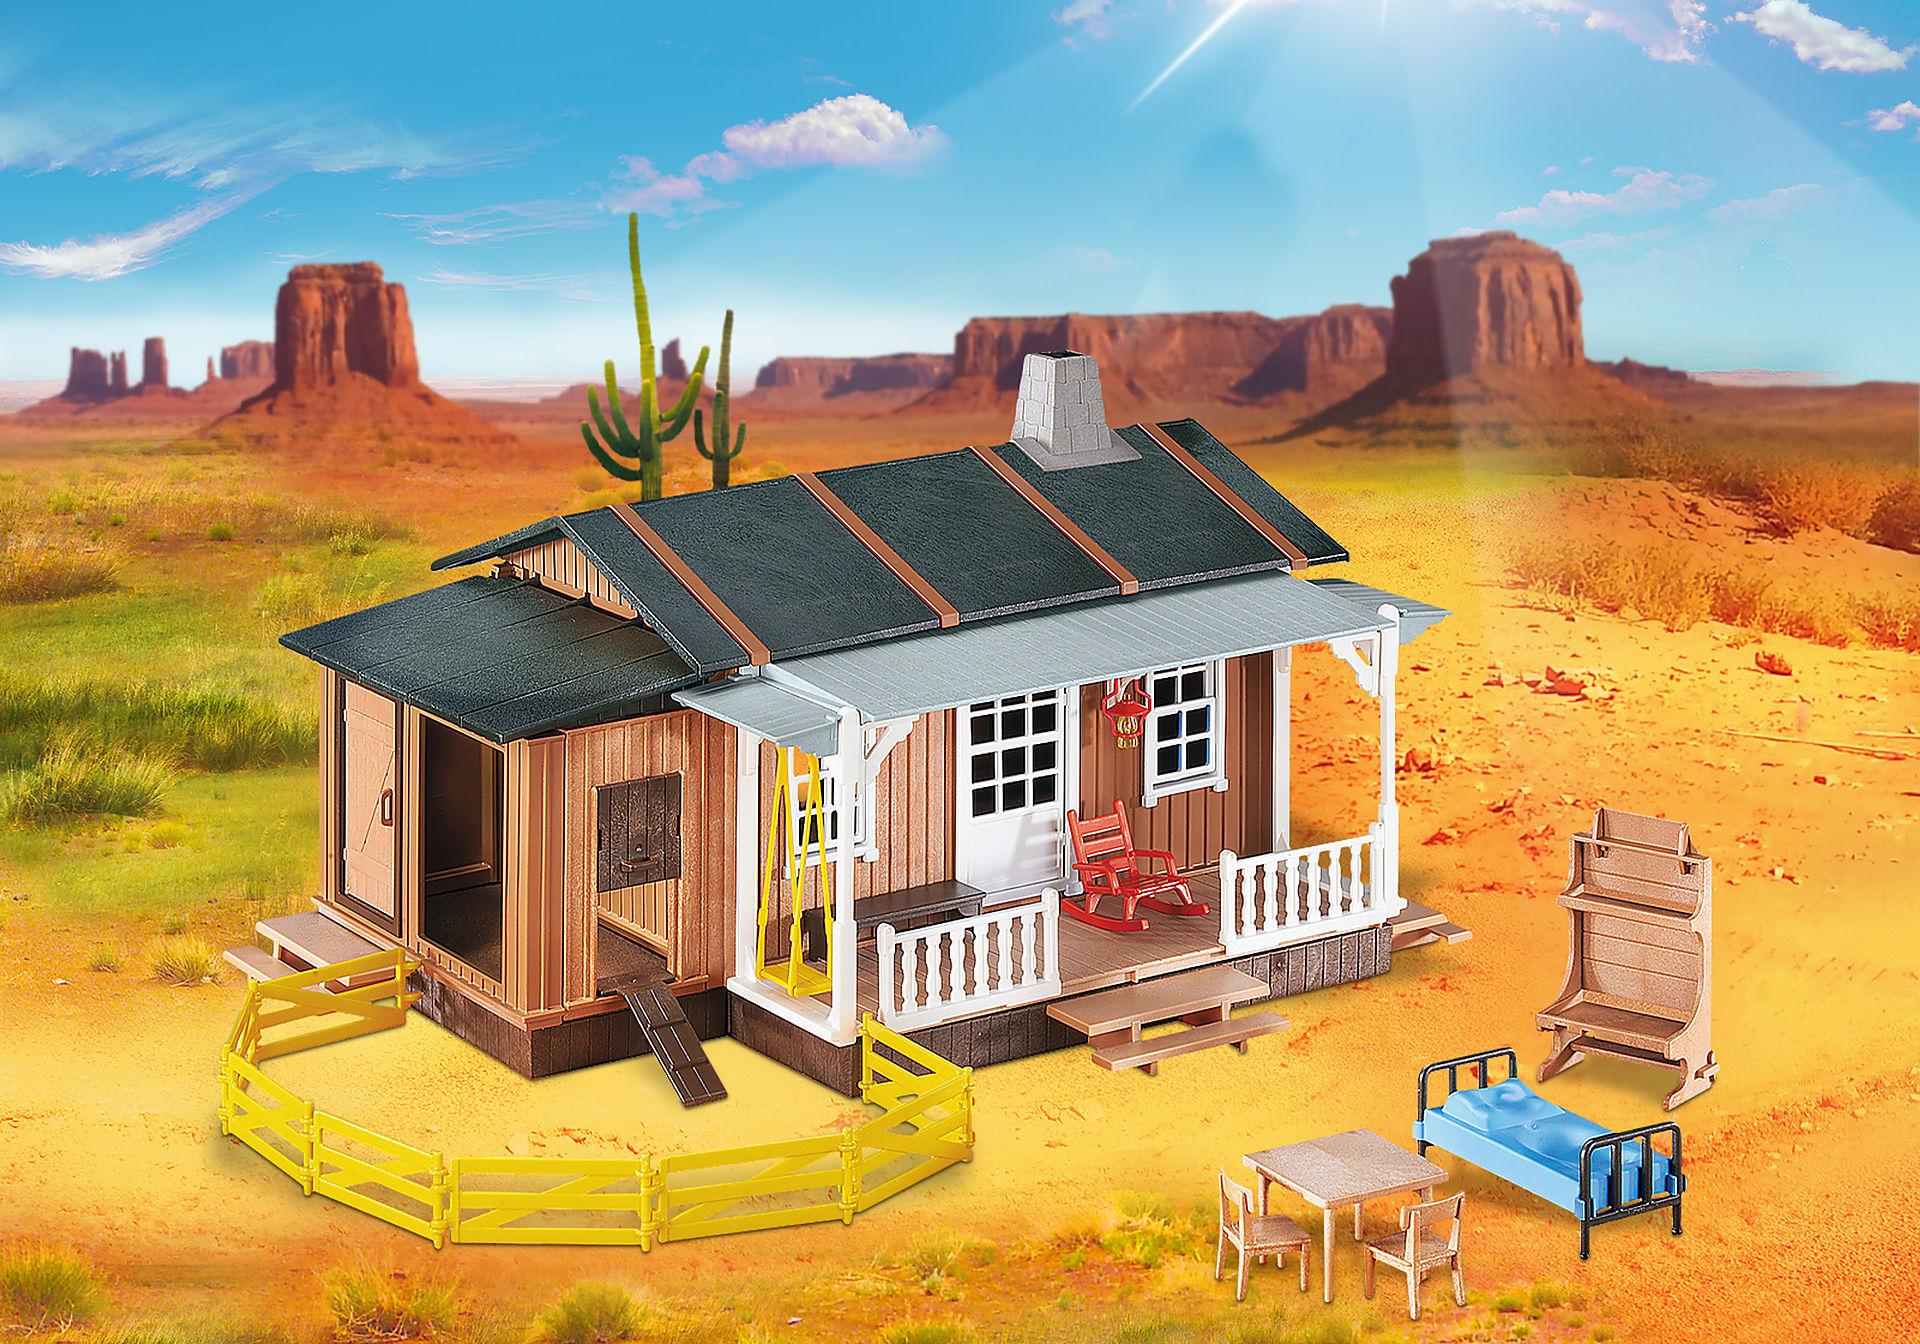 6410 Western boerderij  zoom image1